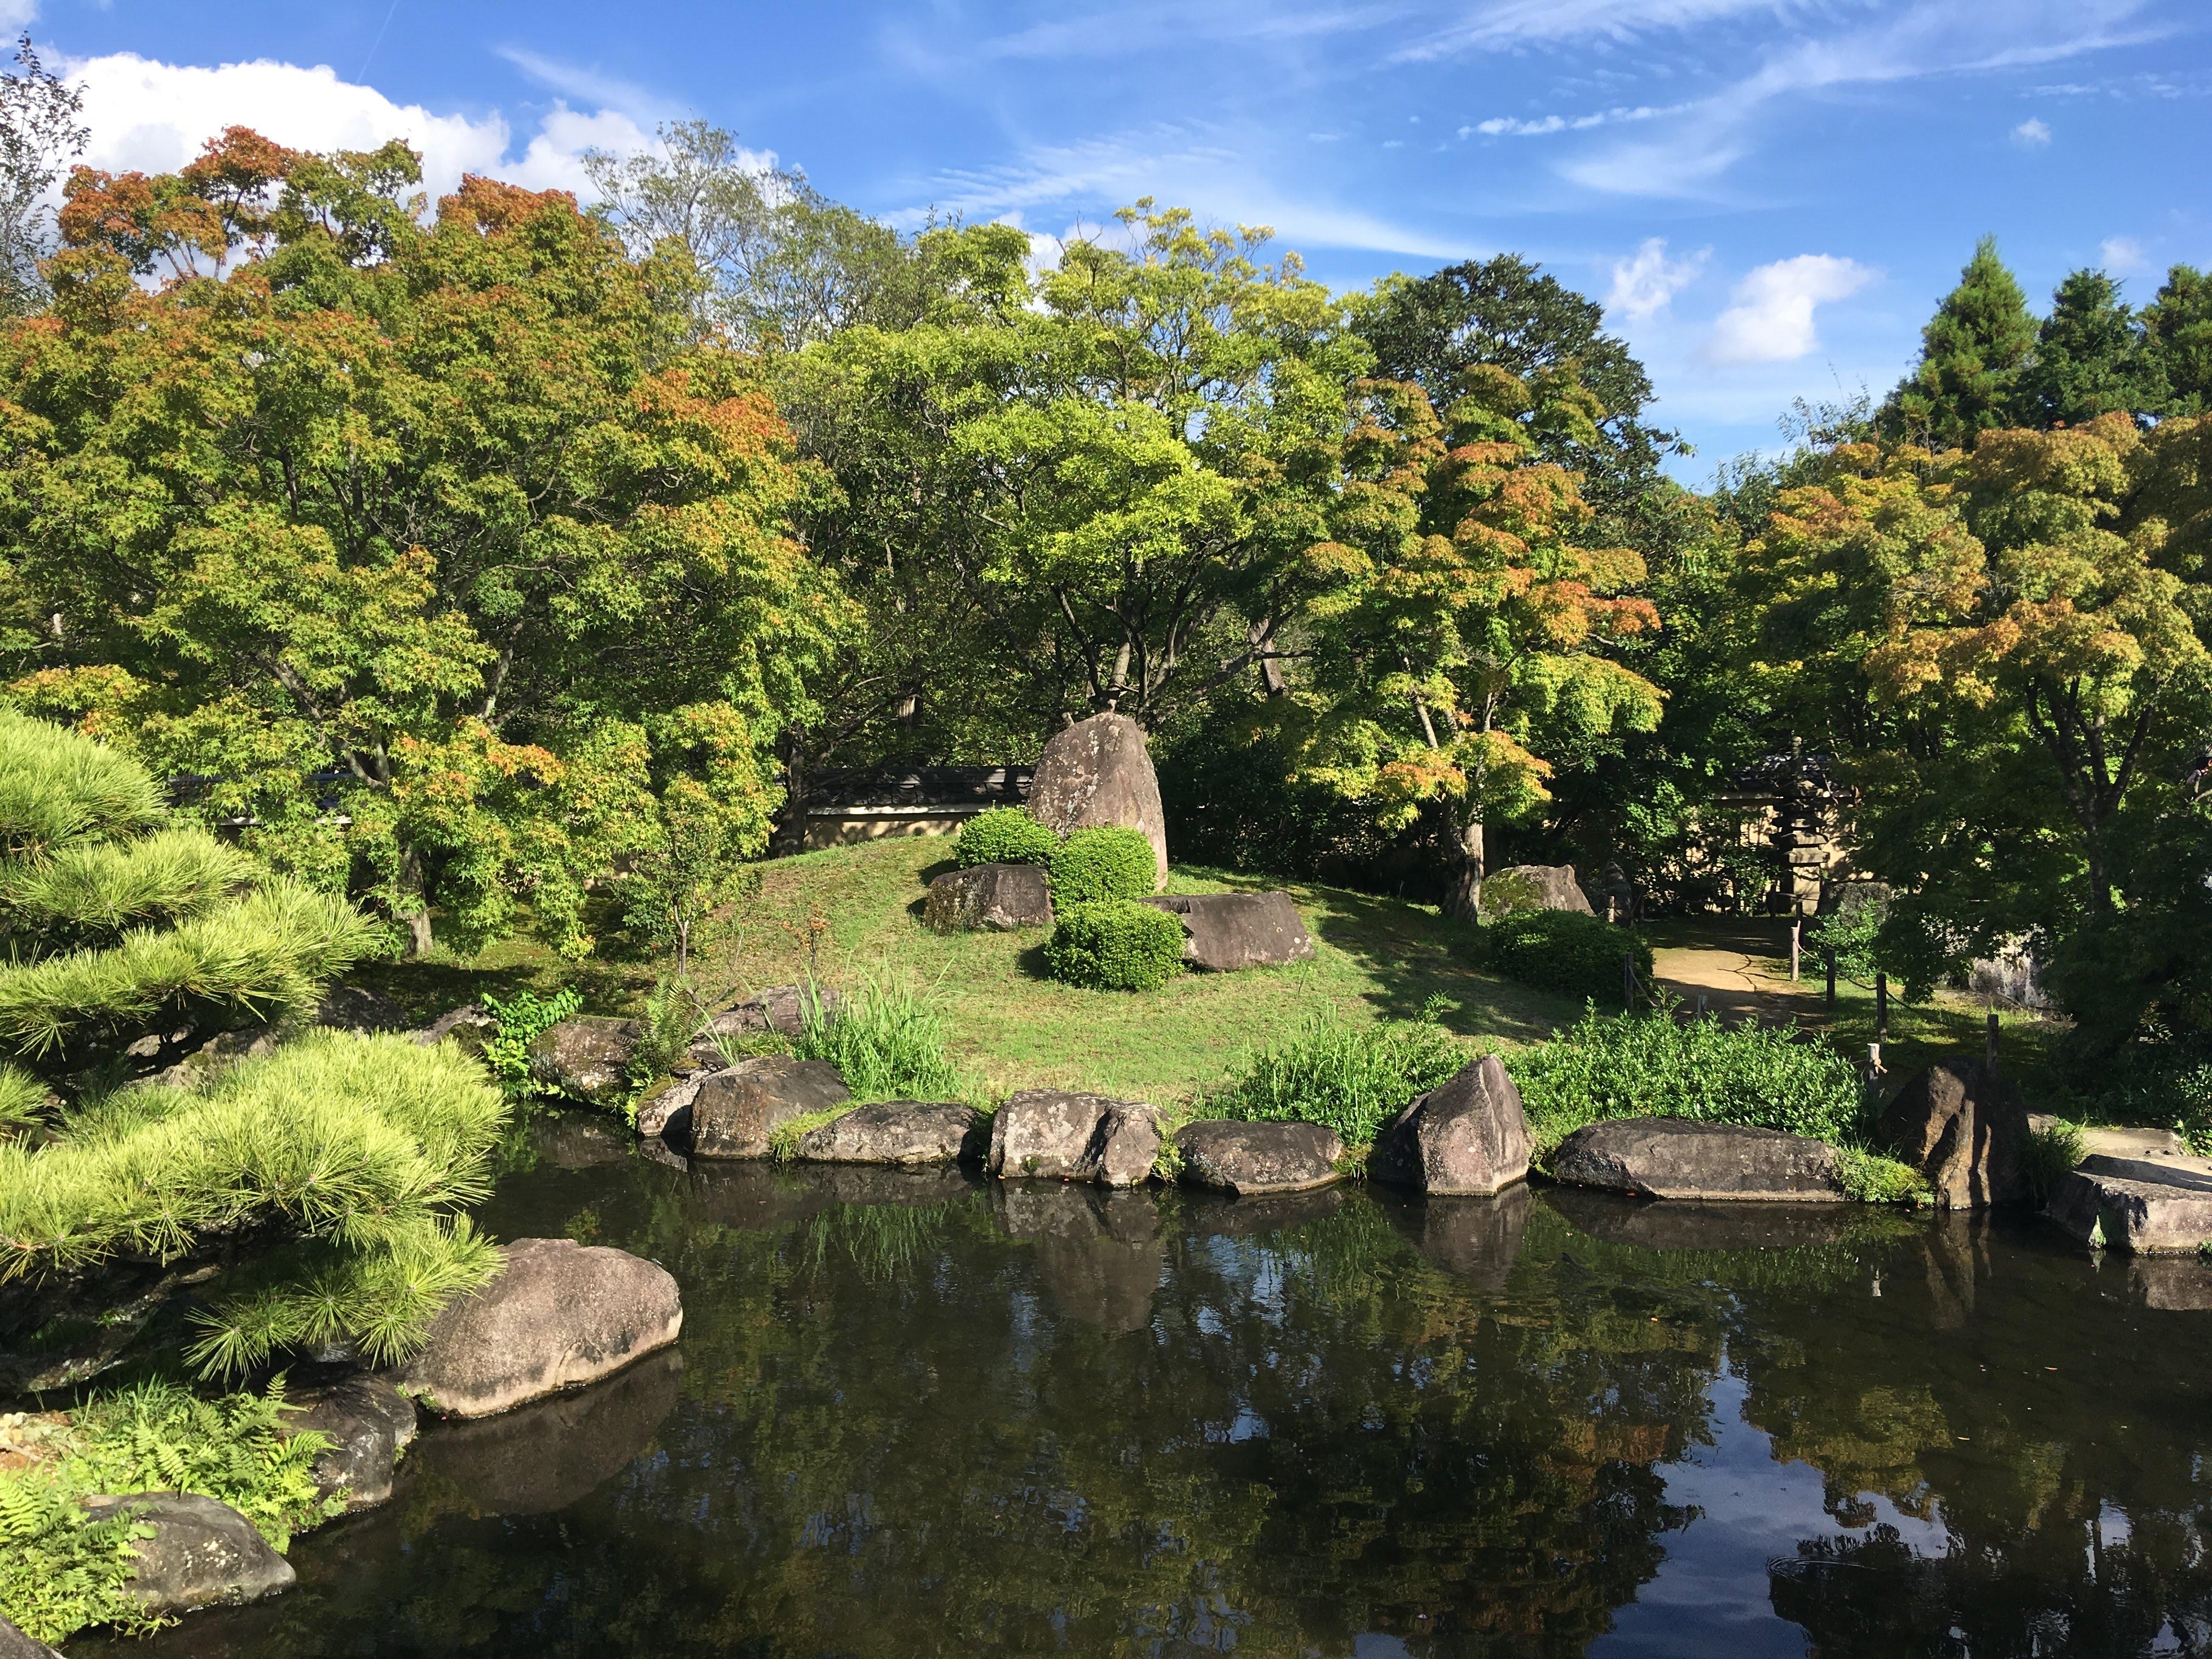 File:Tsukiyama Chisen Garden at Kōko-en 1.jpg - Wikimedia Commons